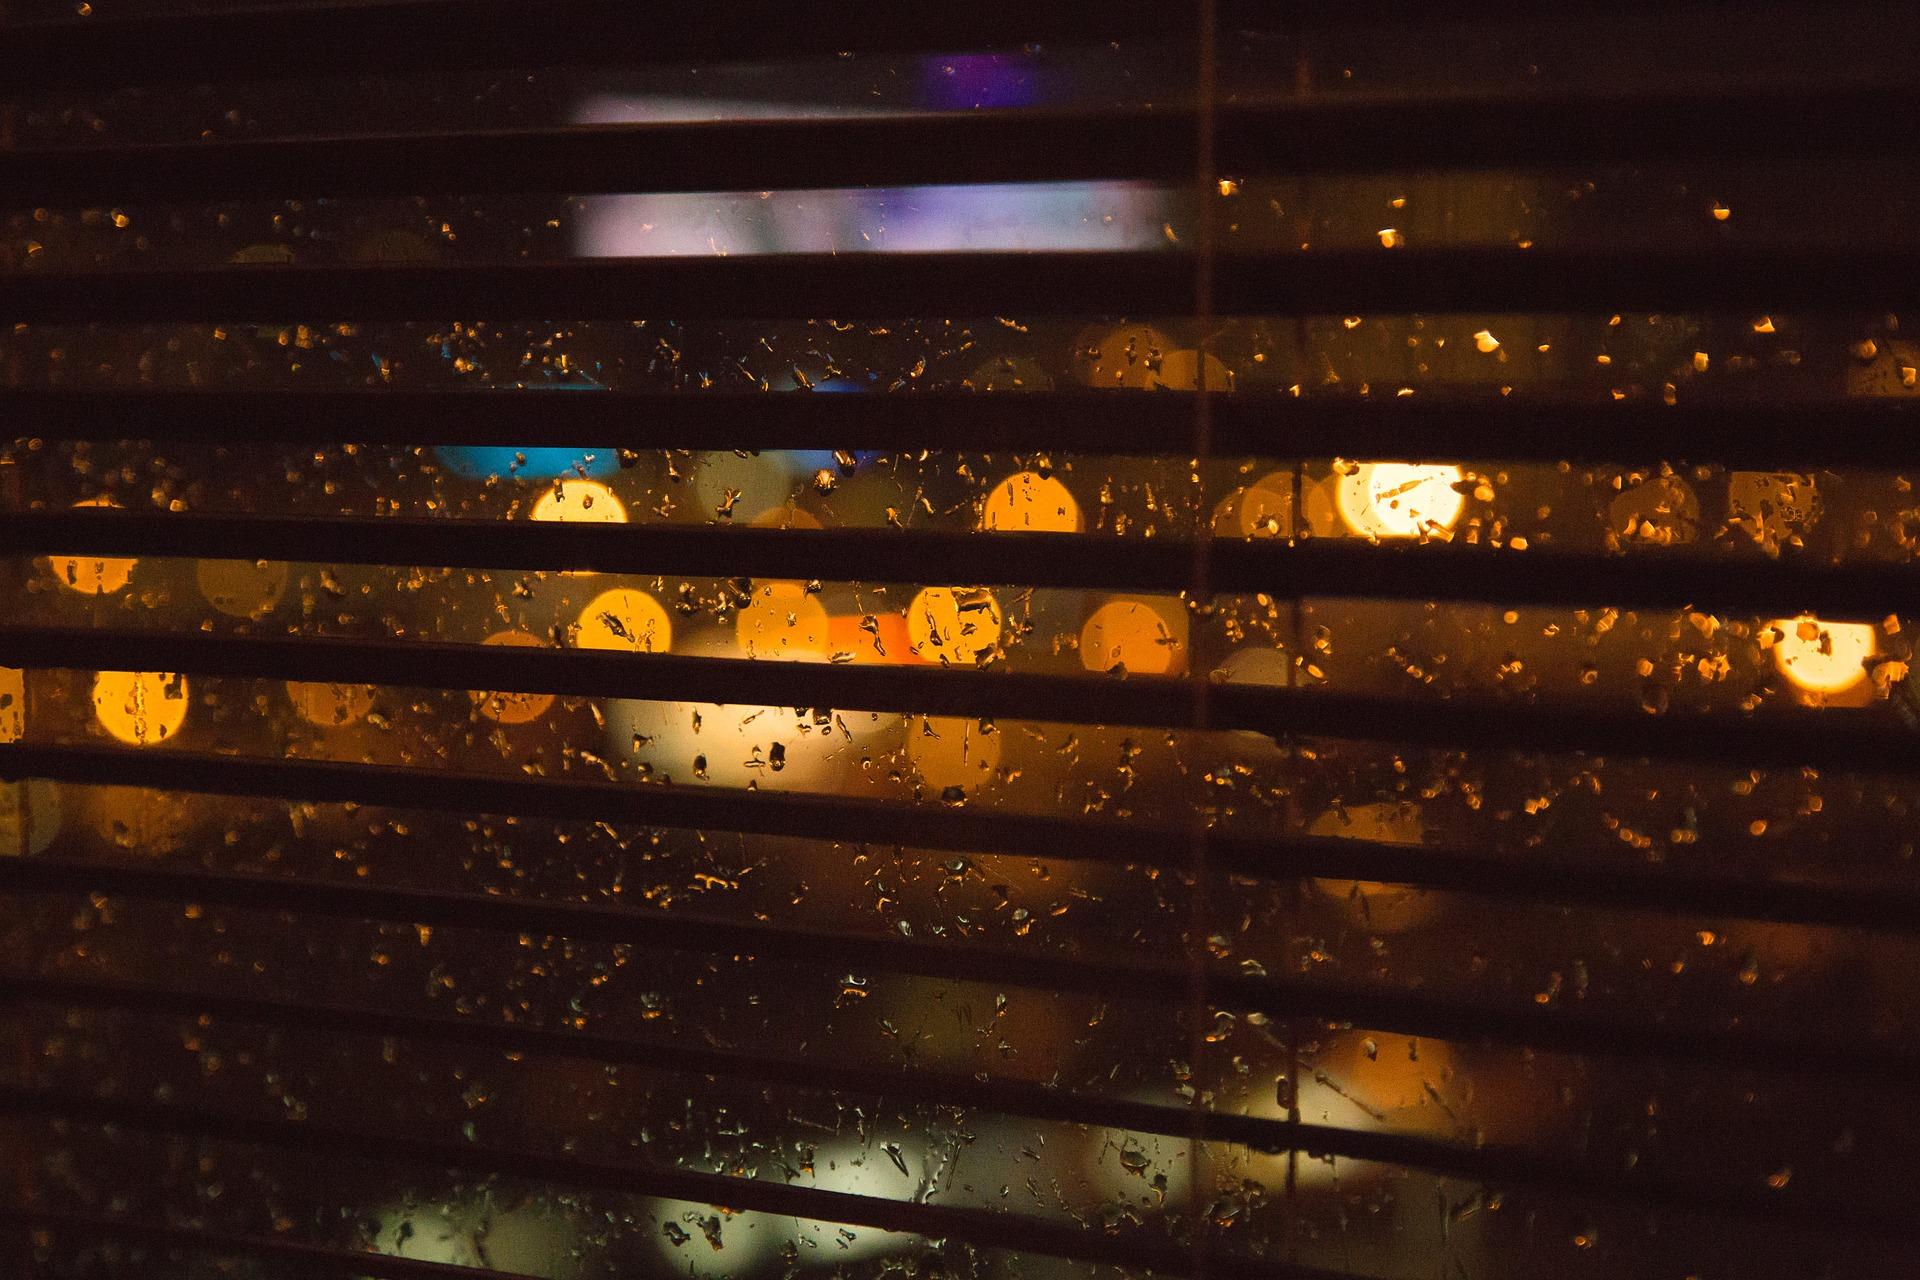 4. 將快門的速度放慢或是利用逆光線 捕捉窗上的雨滴與光線共舞的瞬間